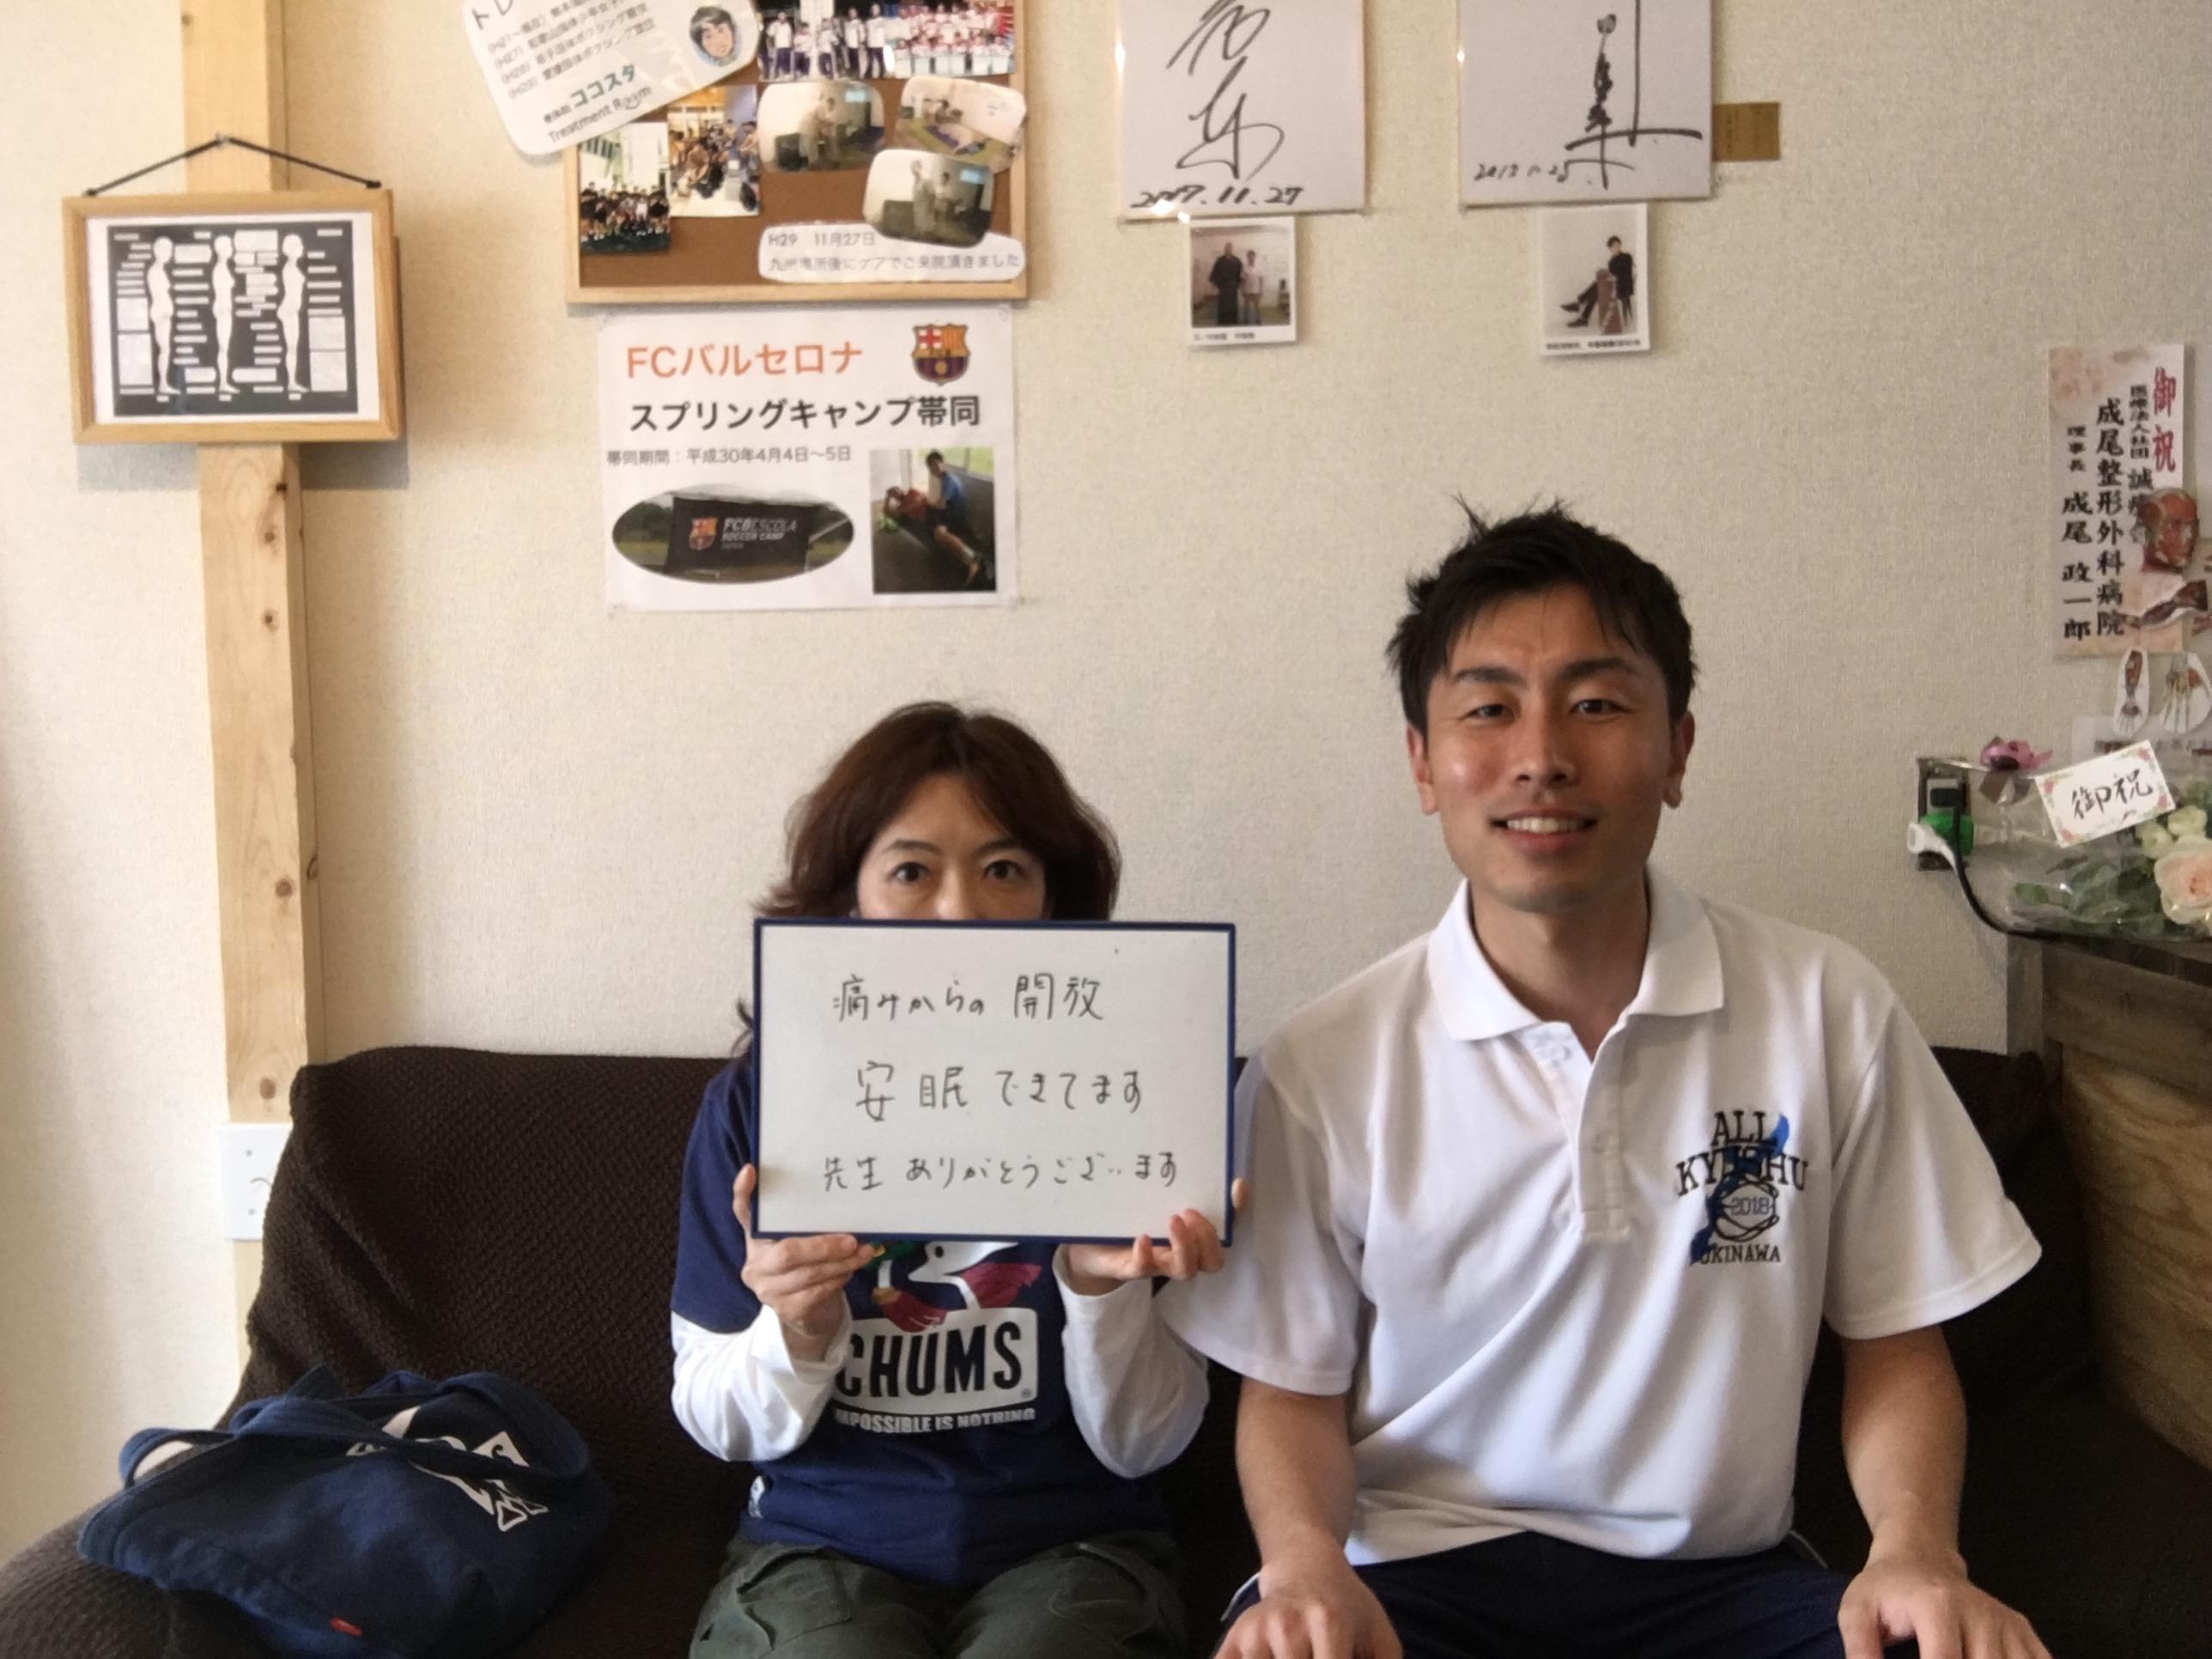 熊本-整体-有名